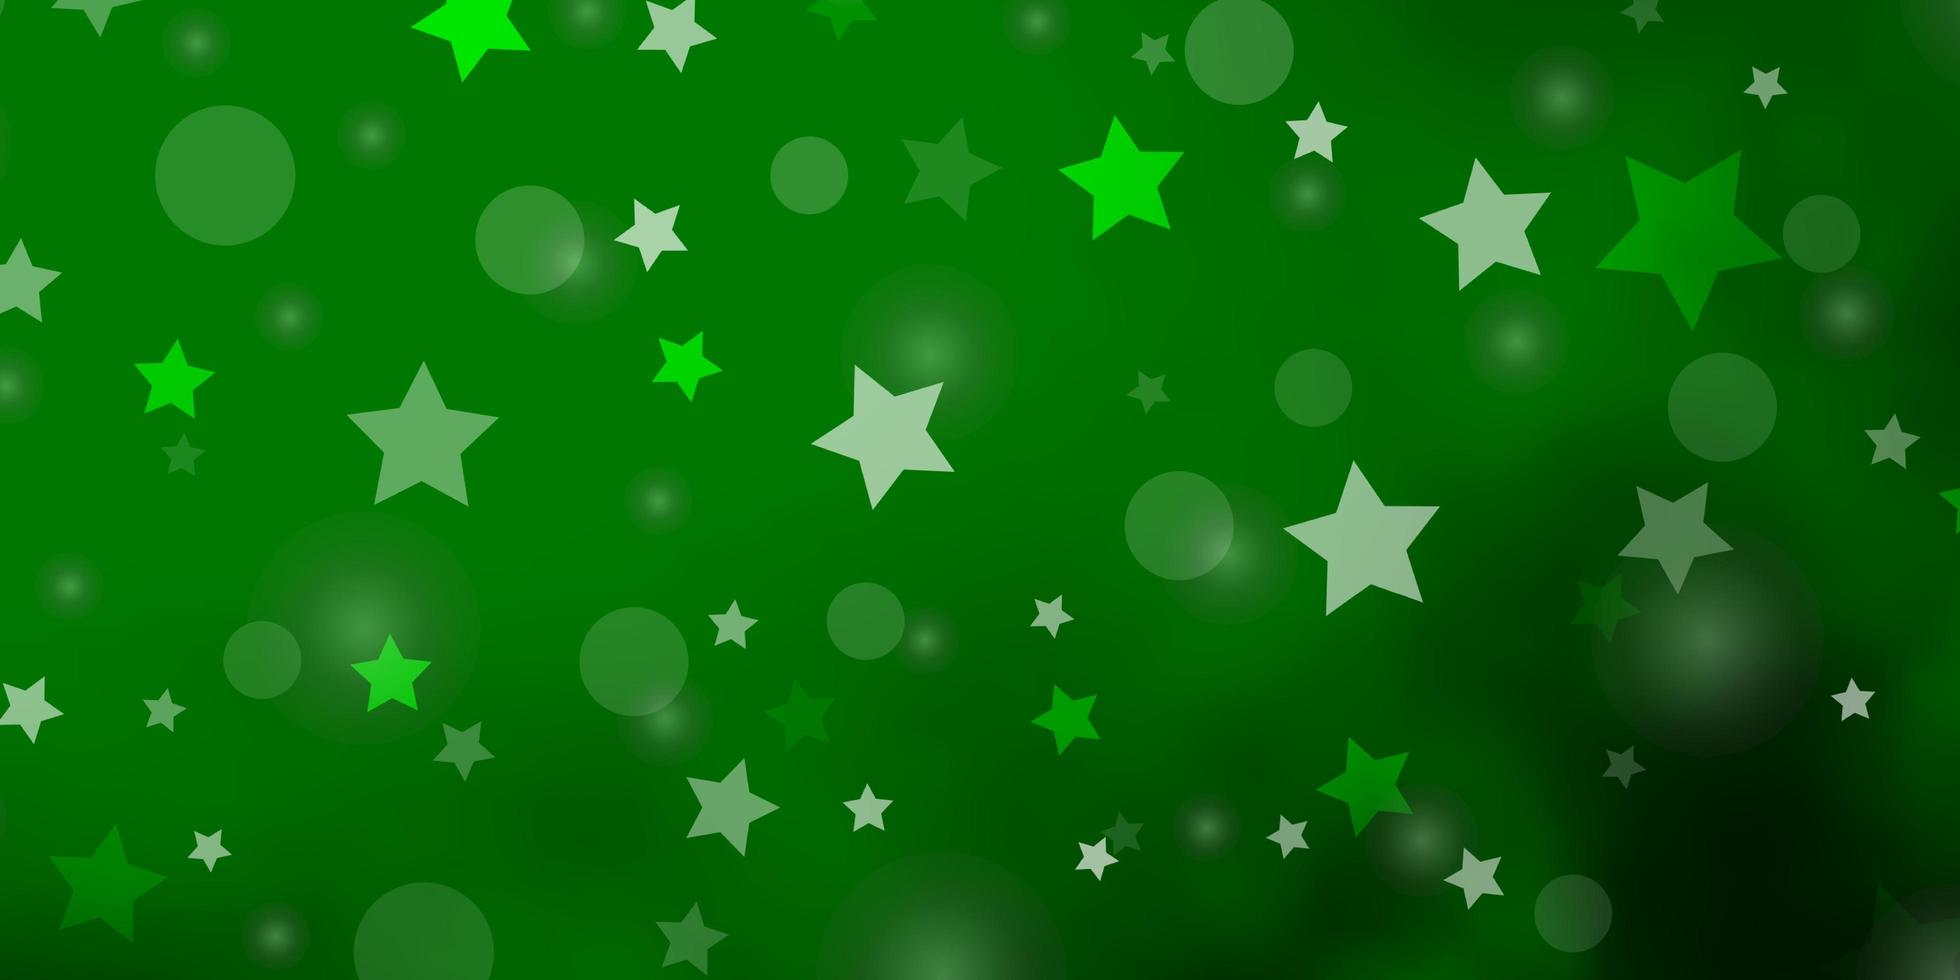 fundo verde claro com círculos, estrelas. vetor